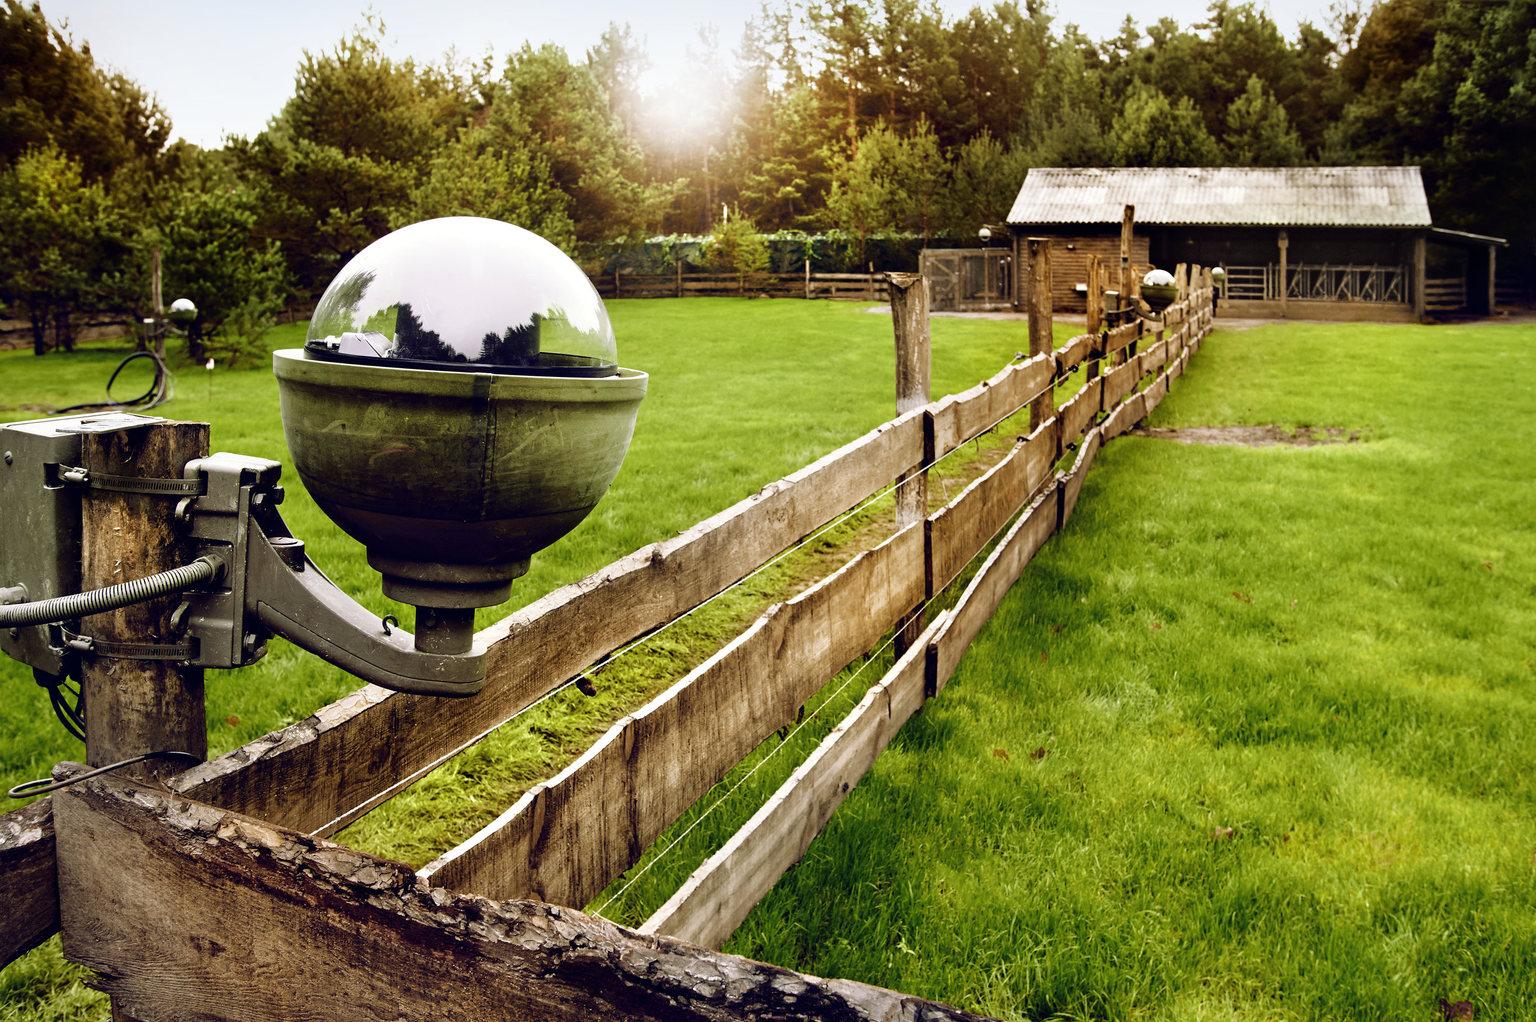 Newtopia-Gelaende-Kamera-Zaun-Sat1-Reality